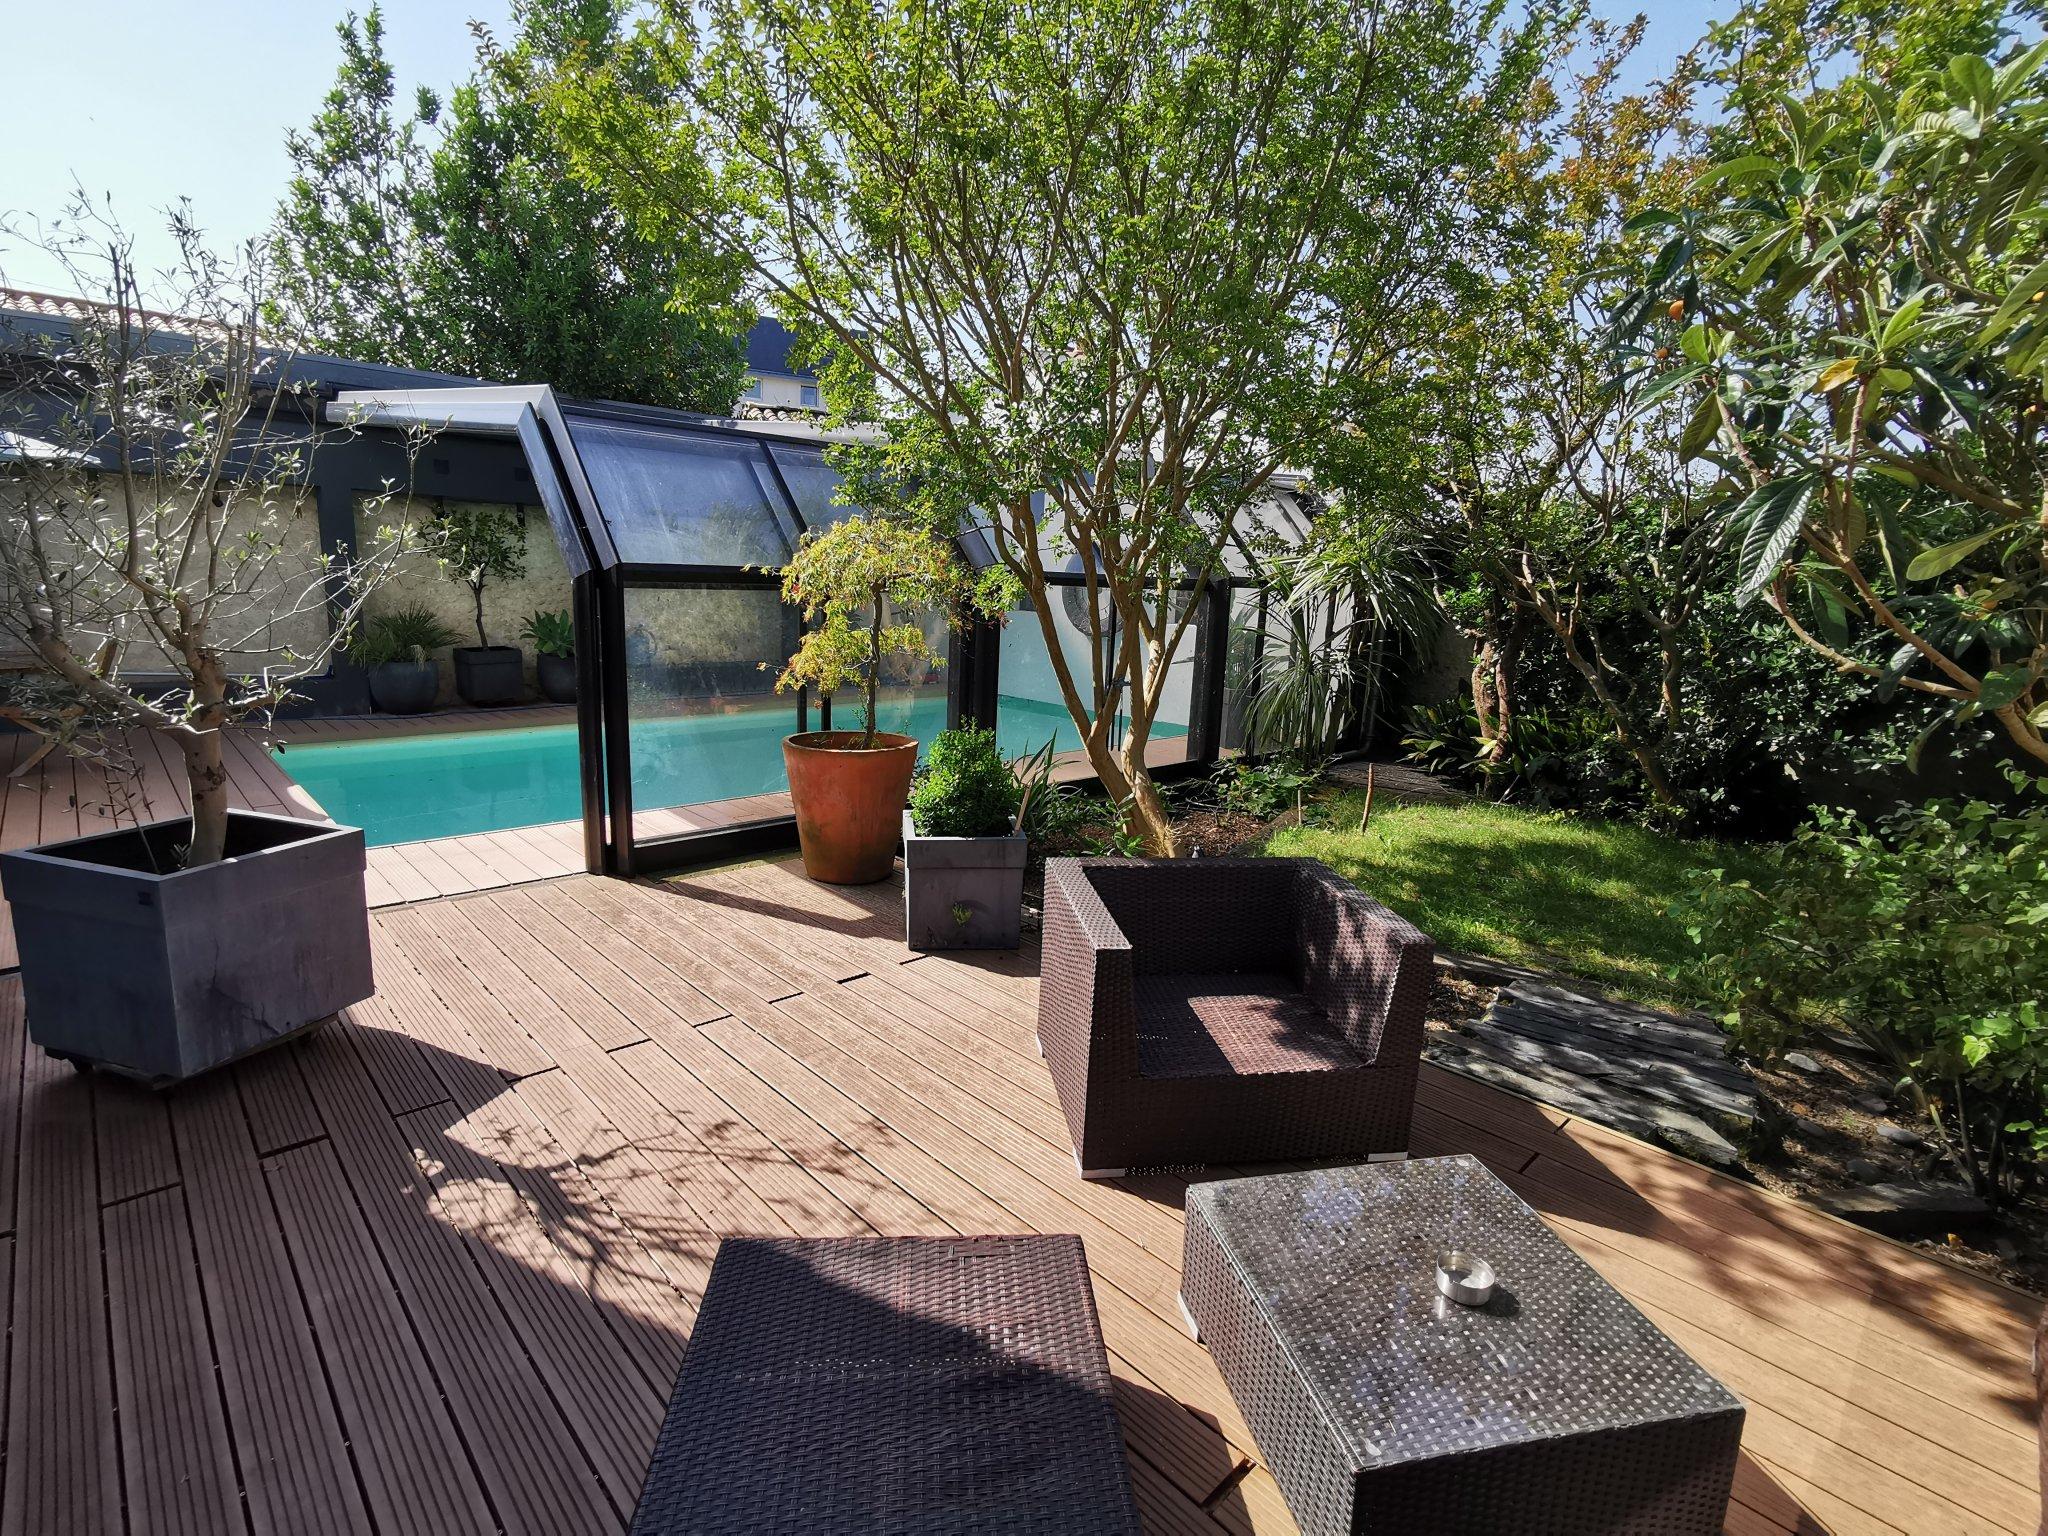 Maison En Vente À Challans - Éliot Immobilier | Vendée Et ... avec Piscine Challans